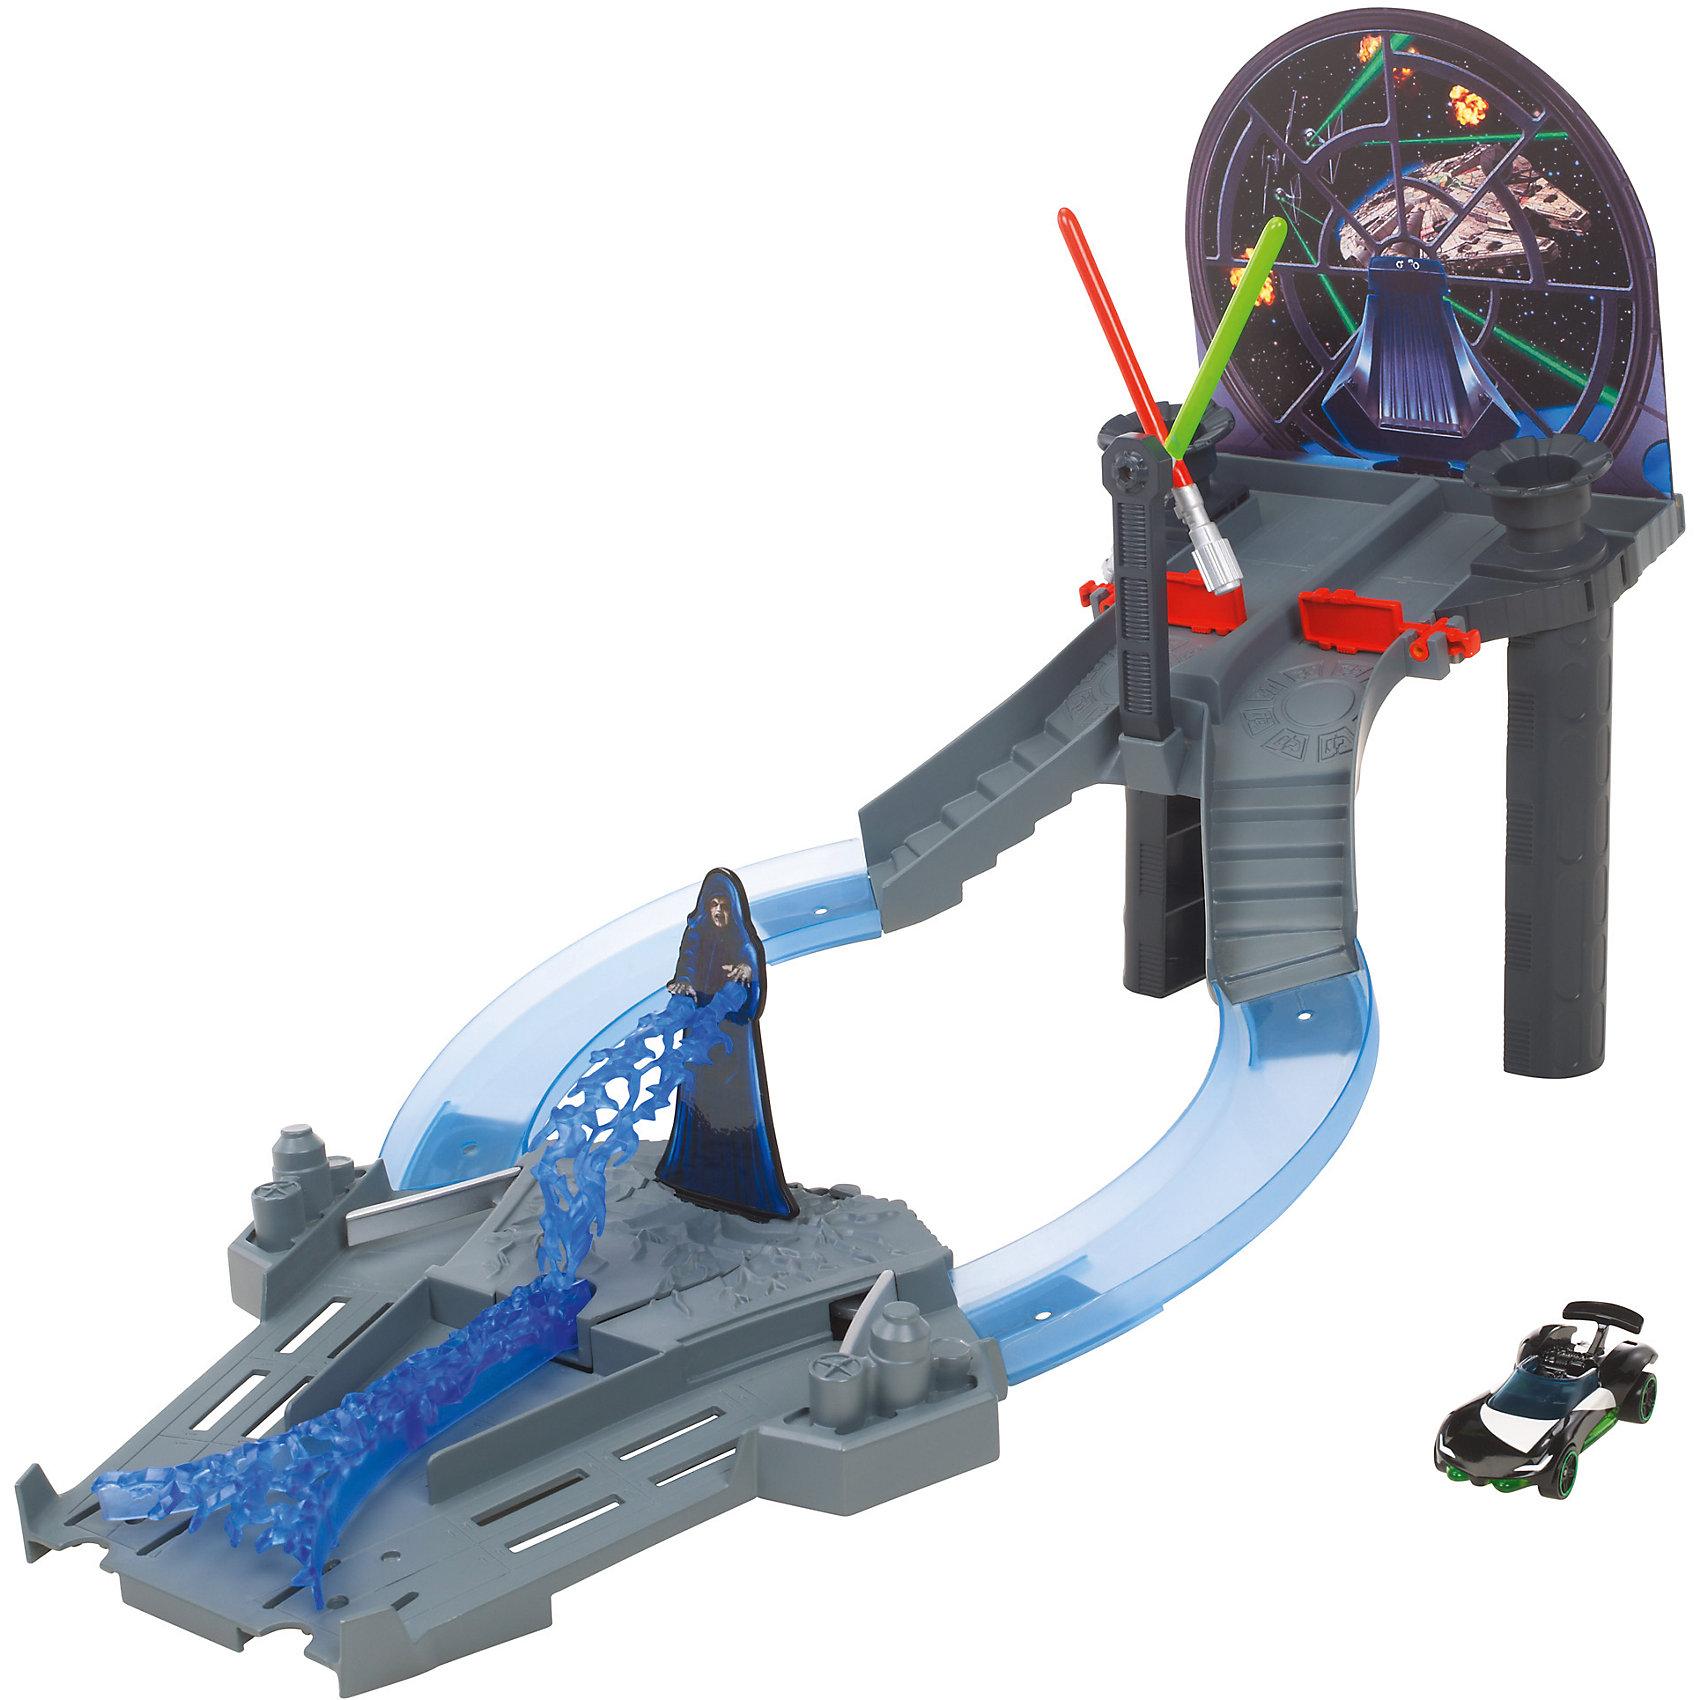 Игровой набор Звездные Войны, Hot WheelsИгровые наборы<br>Игровой набор Звездные Войны, Hot Wheels (Хот Вилс), Mattel (Маттел) ? транспортный трек для мальчиков от бренда Mattel. Игровой набор выполнен в стиле  VI эпизода Возвращение Джедая знаменитого фильма Звездные войны. Набор выполнен из качественного пластика, элементы которого устойчивы к физическим повреждениям и изменению цвета, в них отсутствуют опасные и острые детали, что делает эту игрушку безопасной даже для маленьких детей. Данный набор рекомендован производителем для мальчиков от 3-х лет.<br>Игровой набор Звездные Войны, Hot Wheels (Хот Вилс), Mattel (Маттел) ? Тронный зал состоит из двух трасс, крутящихся световых мечей и поднимающихся ворот. В комплекте идет одна эксклюзивная машинка серии Звездные Войны Hot Wheels Luke Skywalker. Набор предусматривает одновременный запуск 2 машинок.<br>Сюжетные игры с трассой Hot Wheels (Хот Вилс), Mattel (Маттел) формируют конструкторские навыки, тренируют память и развивают логическое мышление и воображение. А также эта игрушка способствует эмоциональному развитию ребенка.<br><br>Дополнительная информация:<br><br>- Вид игр: сюжетно-ролевые <br>- Предназначение: для дома<br>- Материал: пластик<br>- Комплектация: 2 трассы, крутящиеся мечи, поднимающиеся ворота, 1 машинка масштабом 1:64 <br>- Размер (Д*Ш*В): 5,5*45,5*25,5 см<br>- Вес: 774 г <br>- Особенности ухода: можно протирать влажной губкой<br><br>Подробнее:<br><br>• Для детей в возрасте: от 3 лет и до 8 лет<br>• Страна производитель: Китай<br>• Торговый бренд: Mattel<br><br>Трассу Hot Wheels (Хот Вилс), Mattel (Маттел) можно купить в нашем интернет-магазине.<br><br>Ширина мм: 55<br>Глубина мм: 455<br>Высота мм: 255<br>Вес г: 774<br>Возраст от месяцев: 36<br>Возраст до месяцев: 96<br>Пол: Мужской<br>Возраст: Детский<br>SKU: 4770042